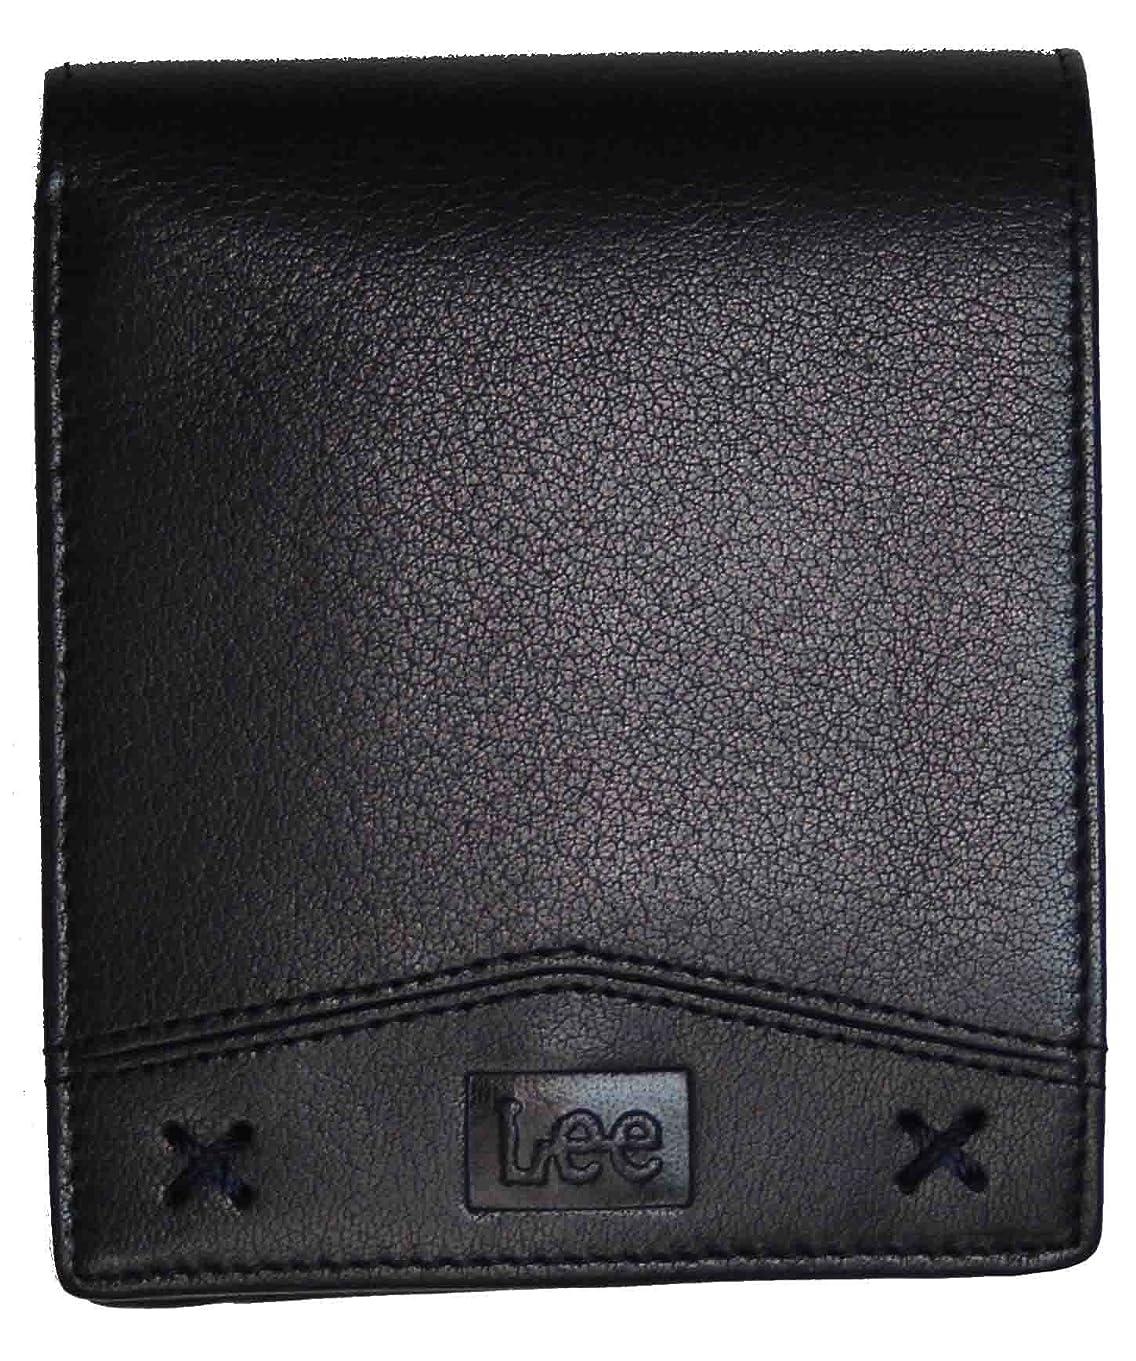 首謀者傷跡秘密の(リー)Lee 牛革 二つ折り財布 パスケース付き/0520314